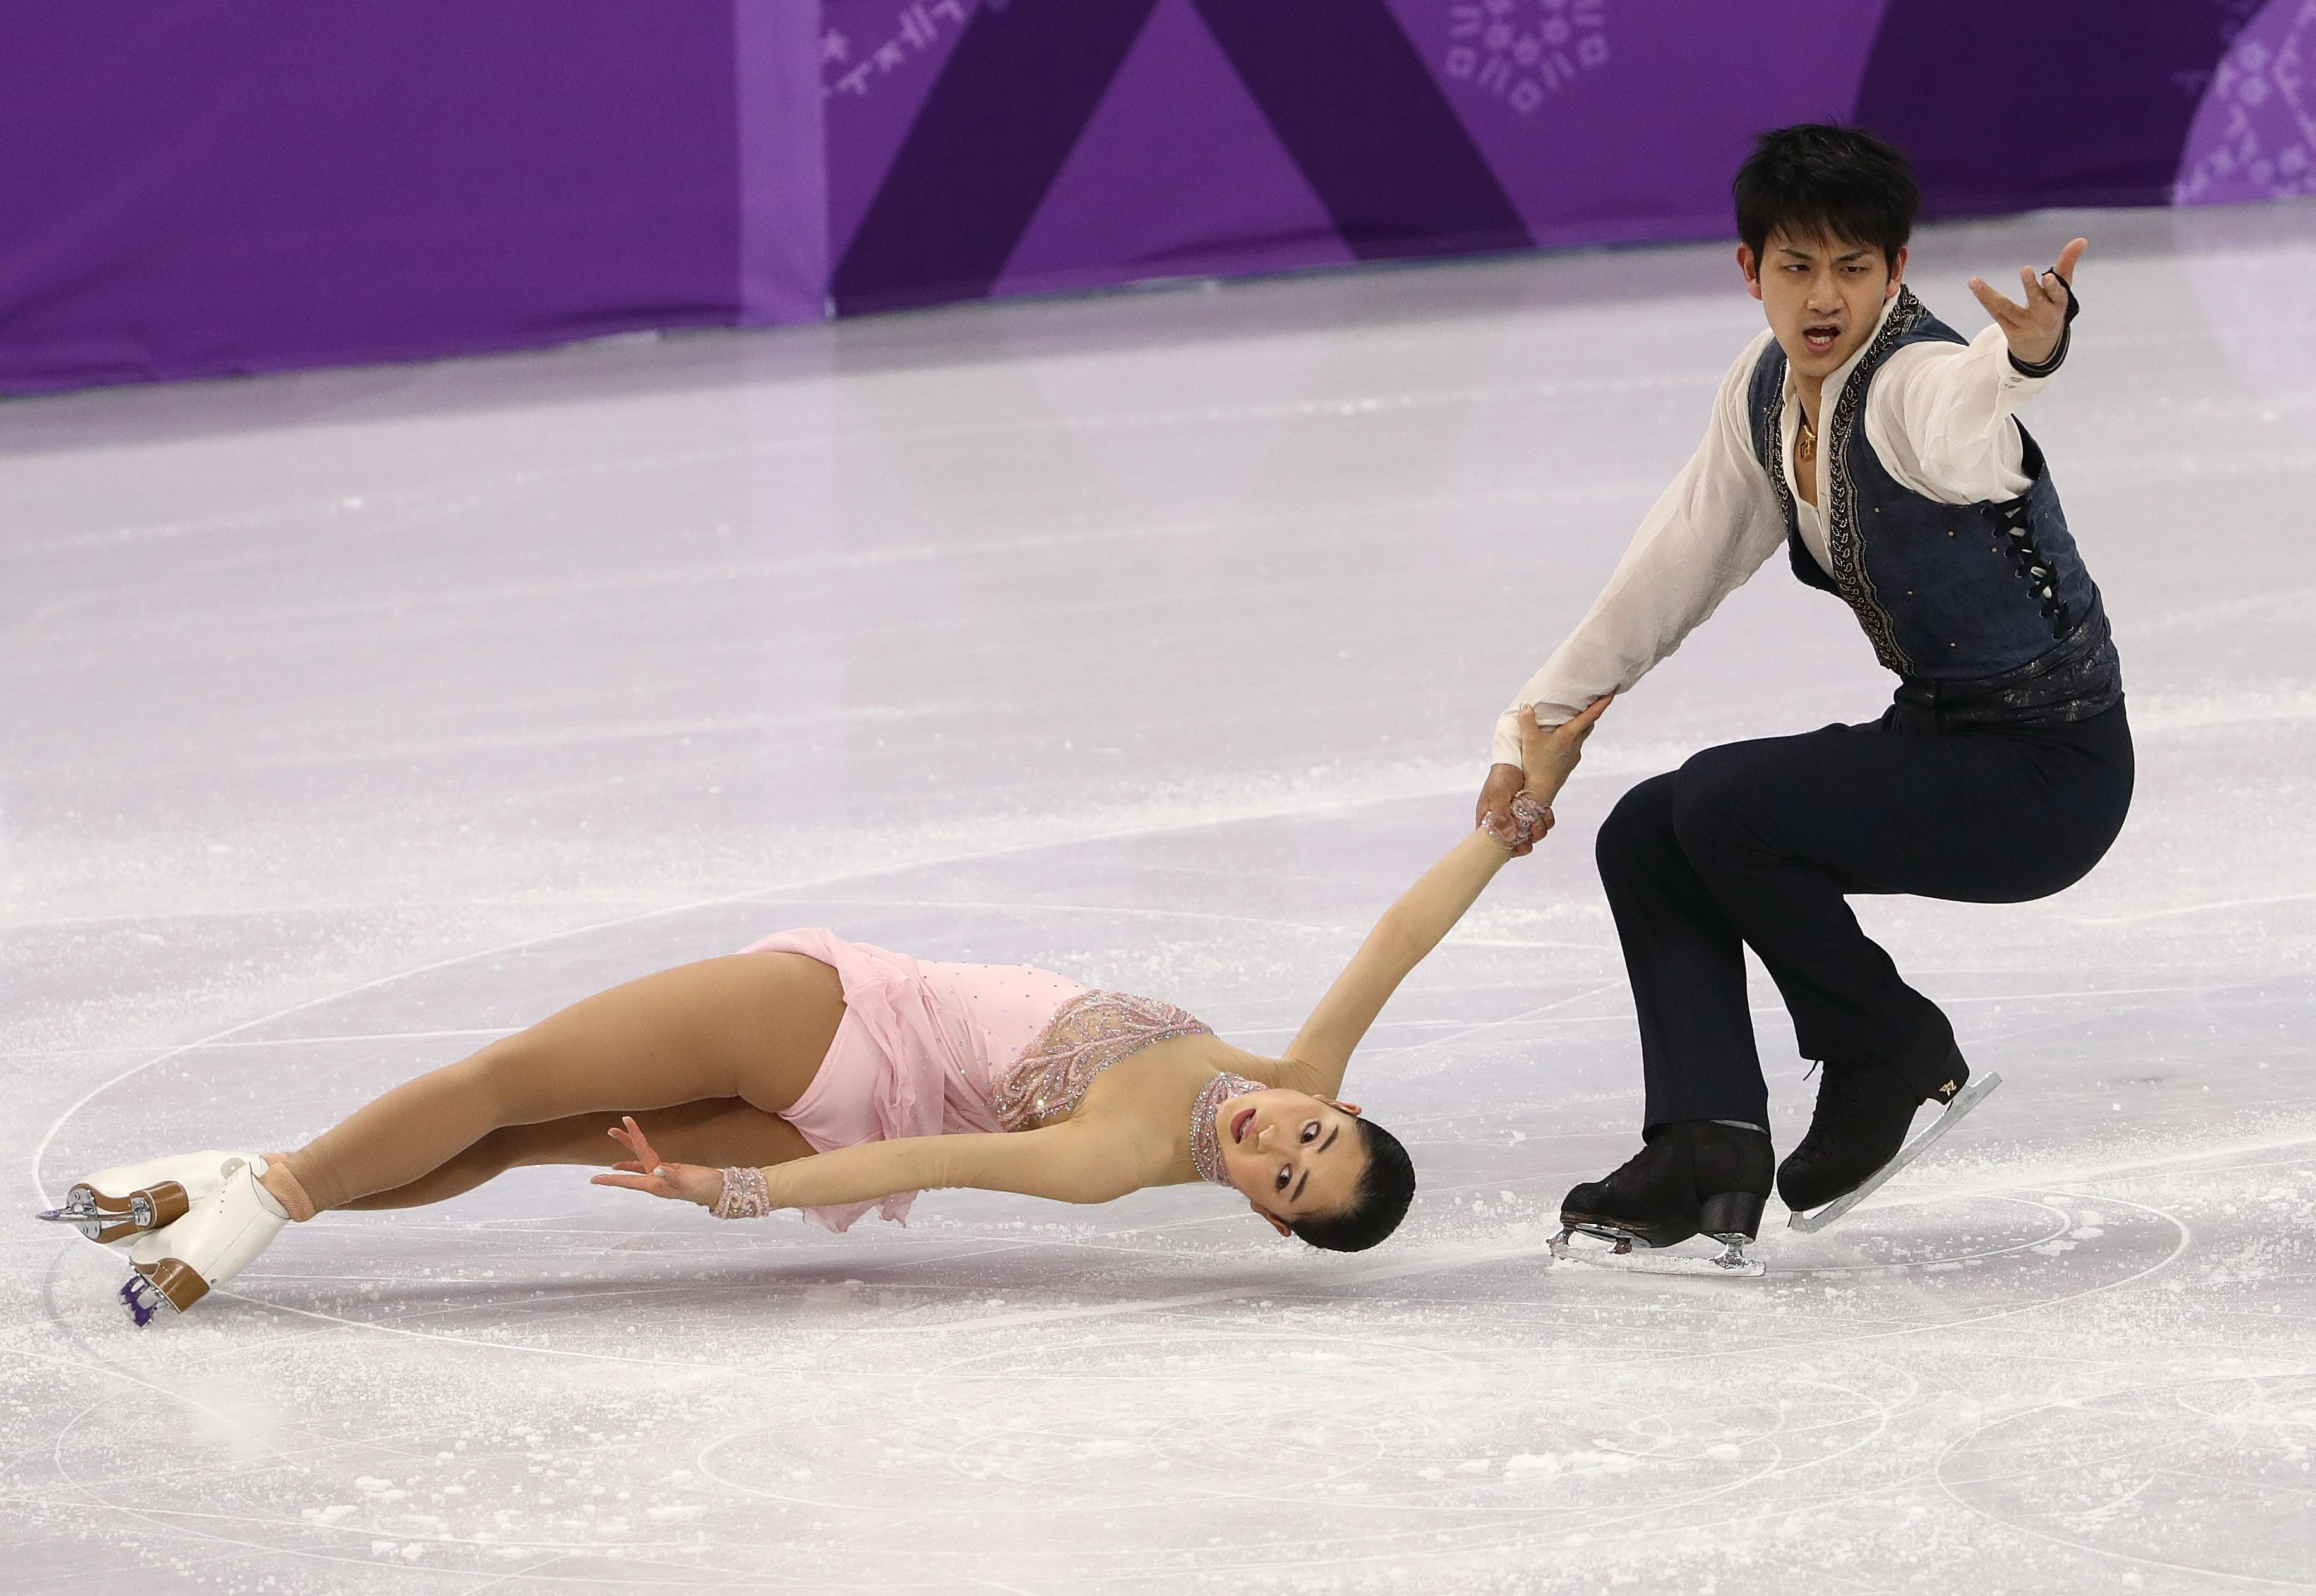 Skating for skating: the right choice, preparation 57